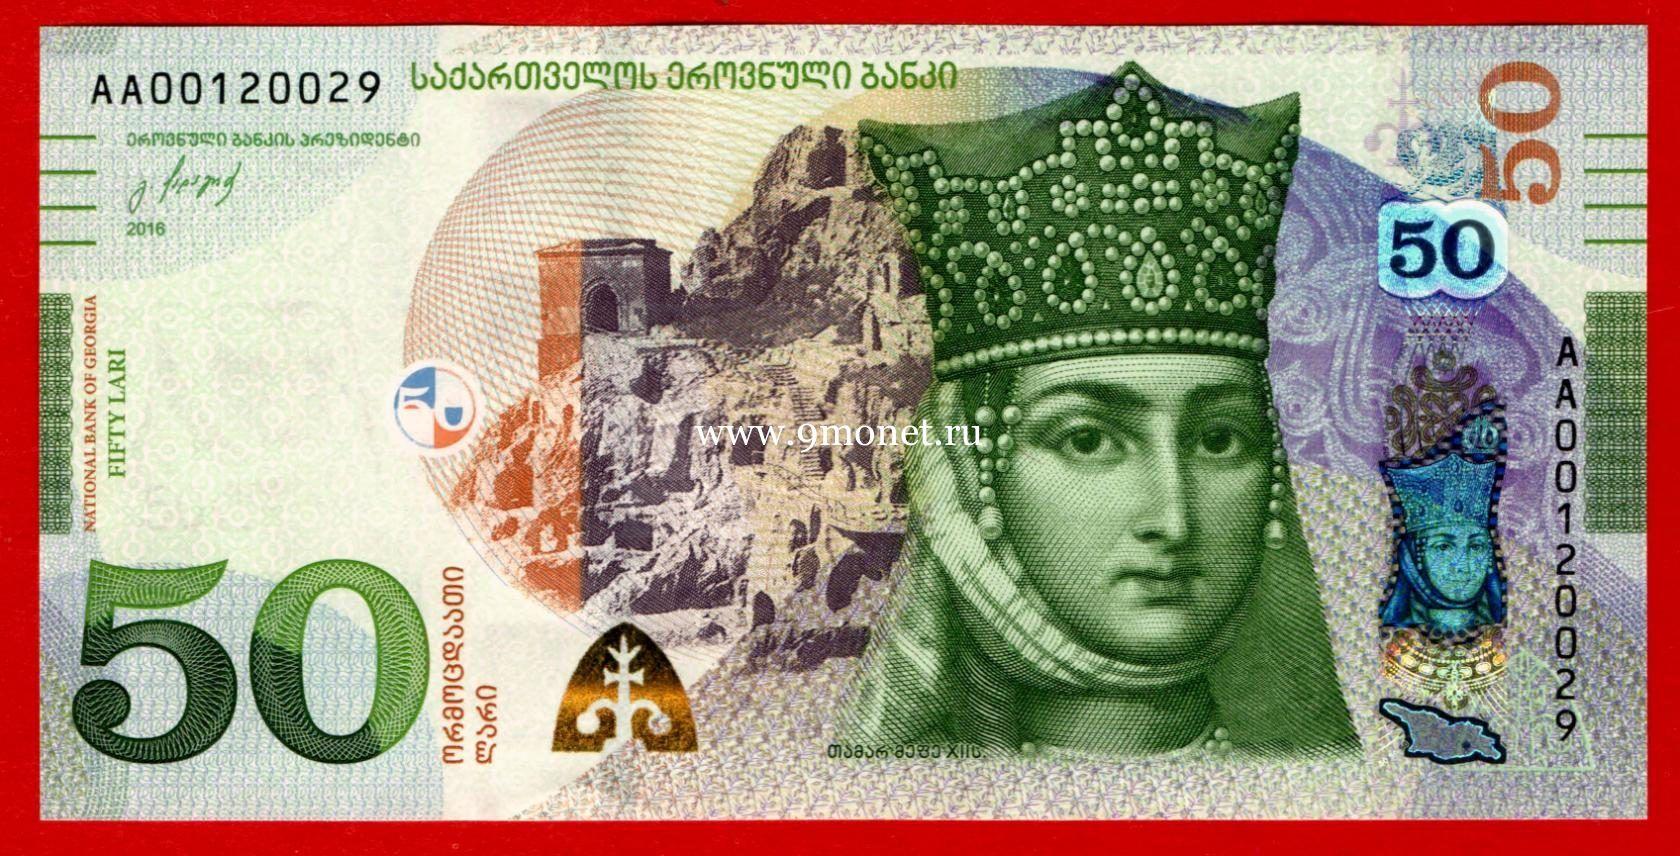 2016 год. Грузия. Банкнота 50 лари. UNC